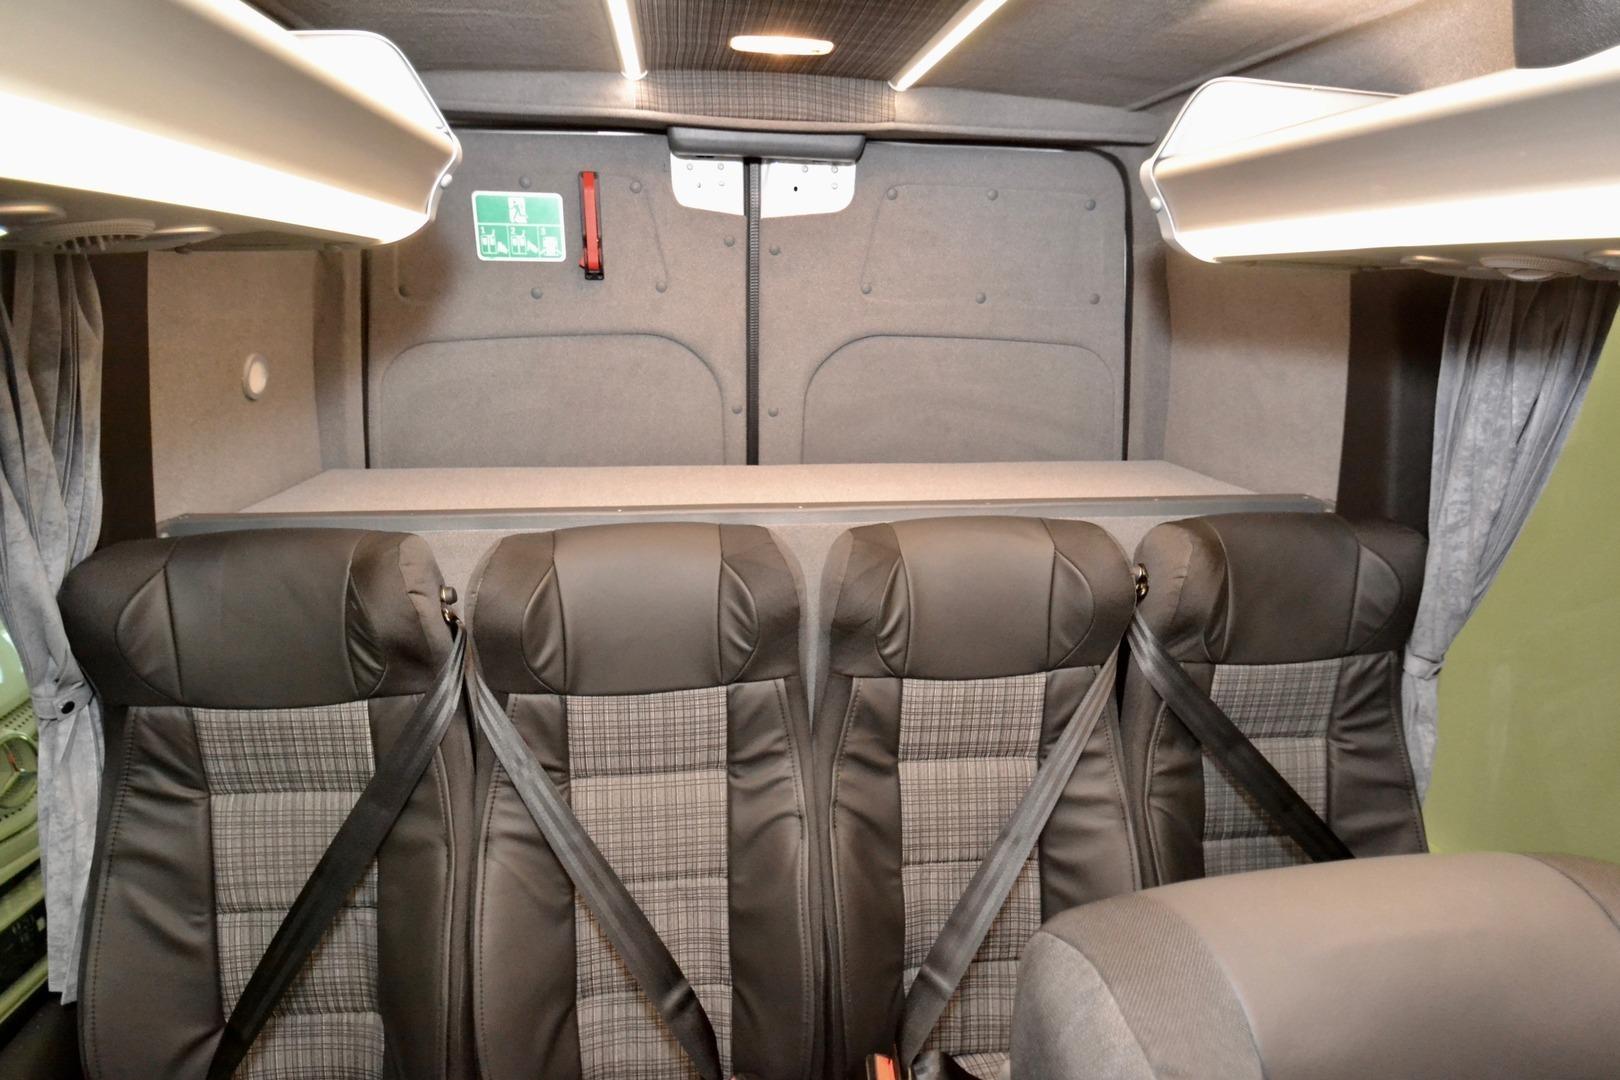 Mercedes-Benz Sprinter, 516 CDI Automet Tourist